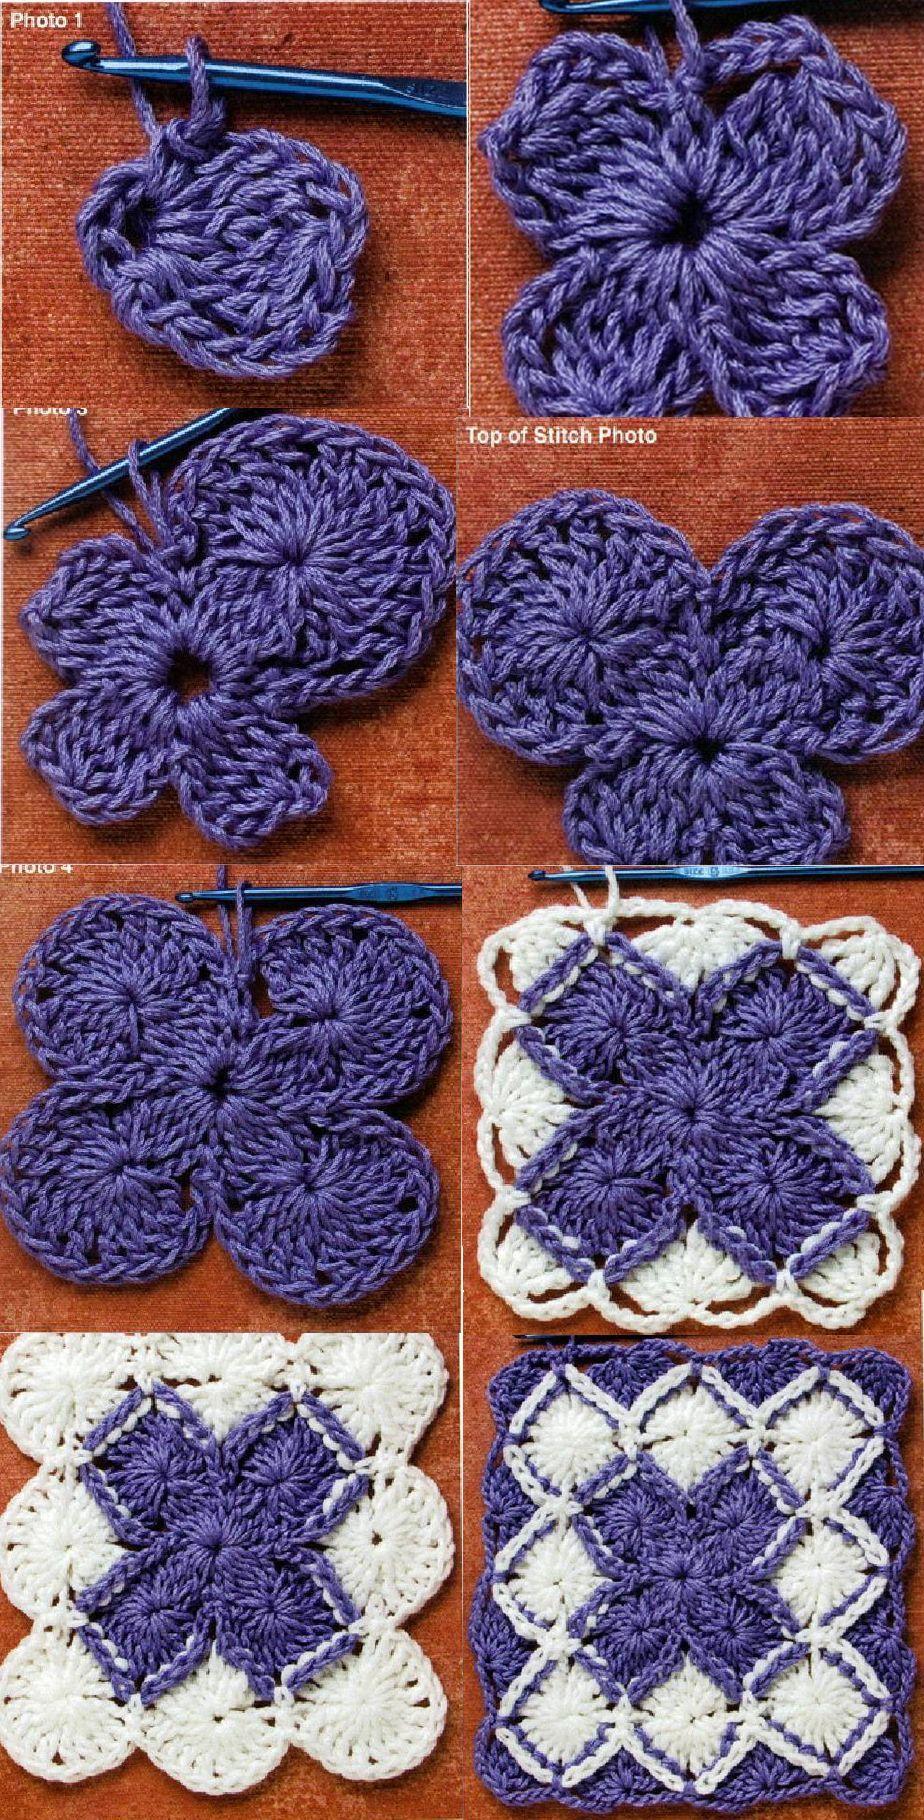 Bavarian Crochet | croche | Pinterest | Bavarian crochet, Crochet ...